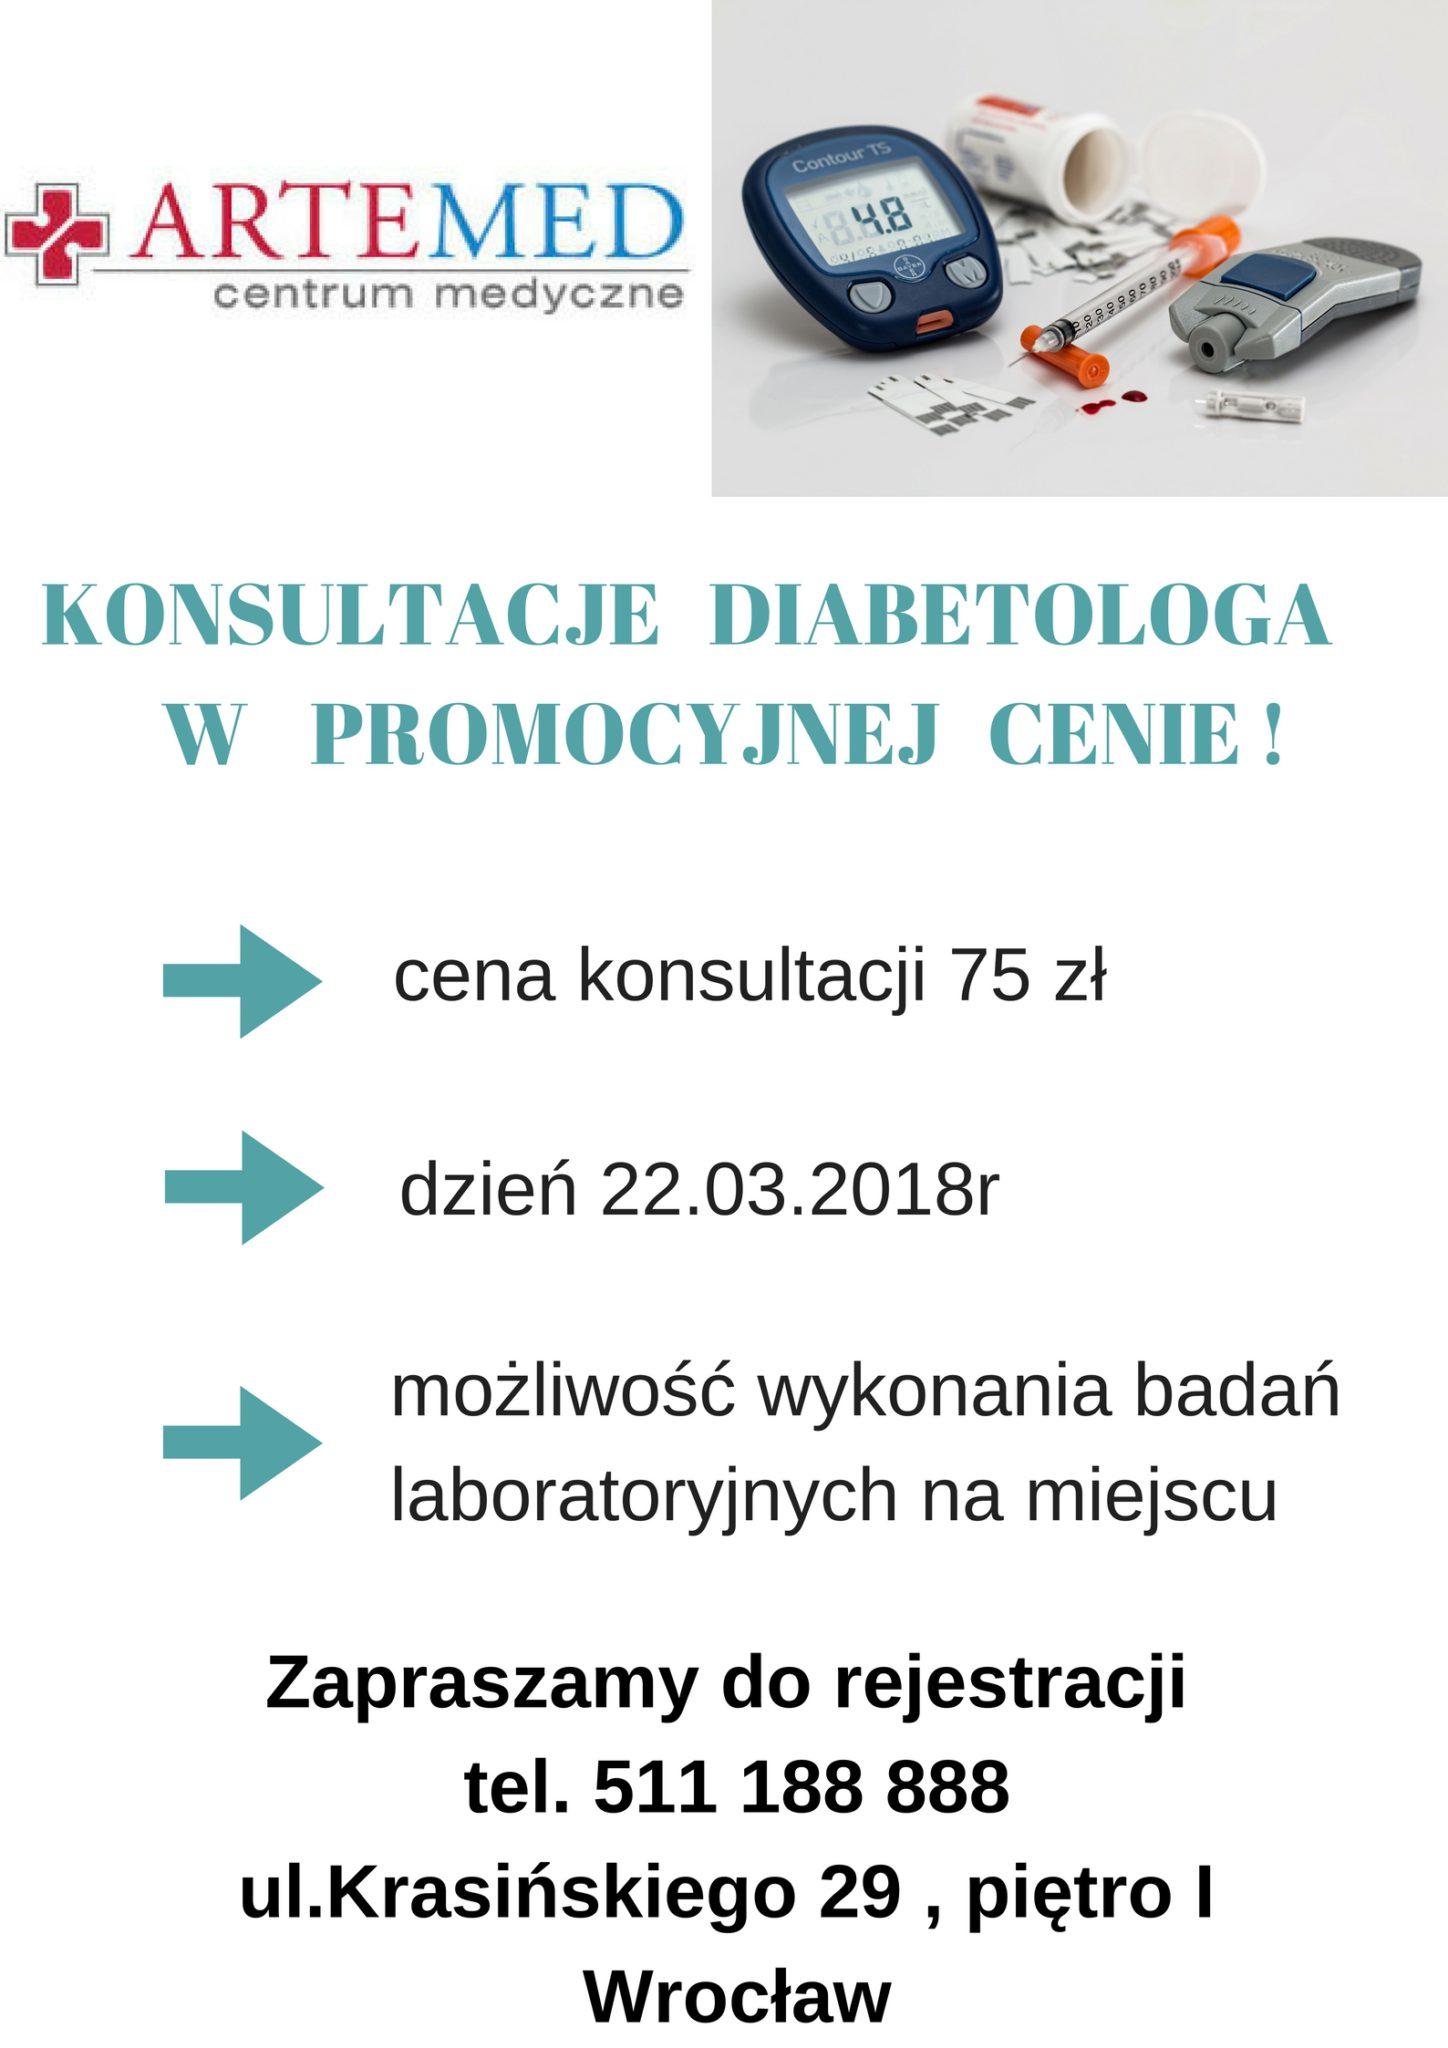 Konsultacje Diabetologa w promocyjnej cenie (3)